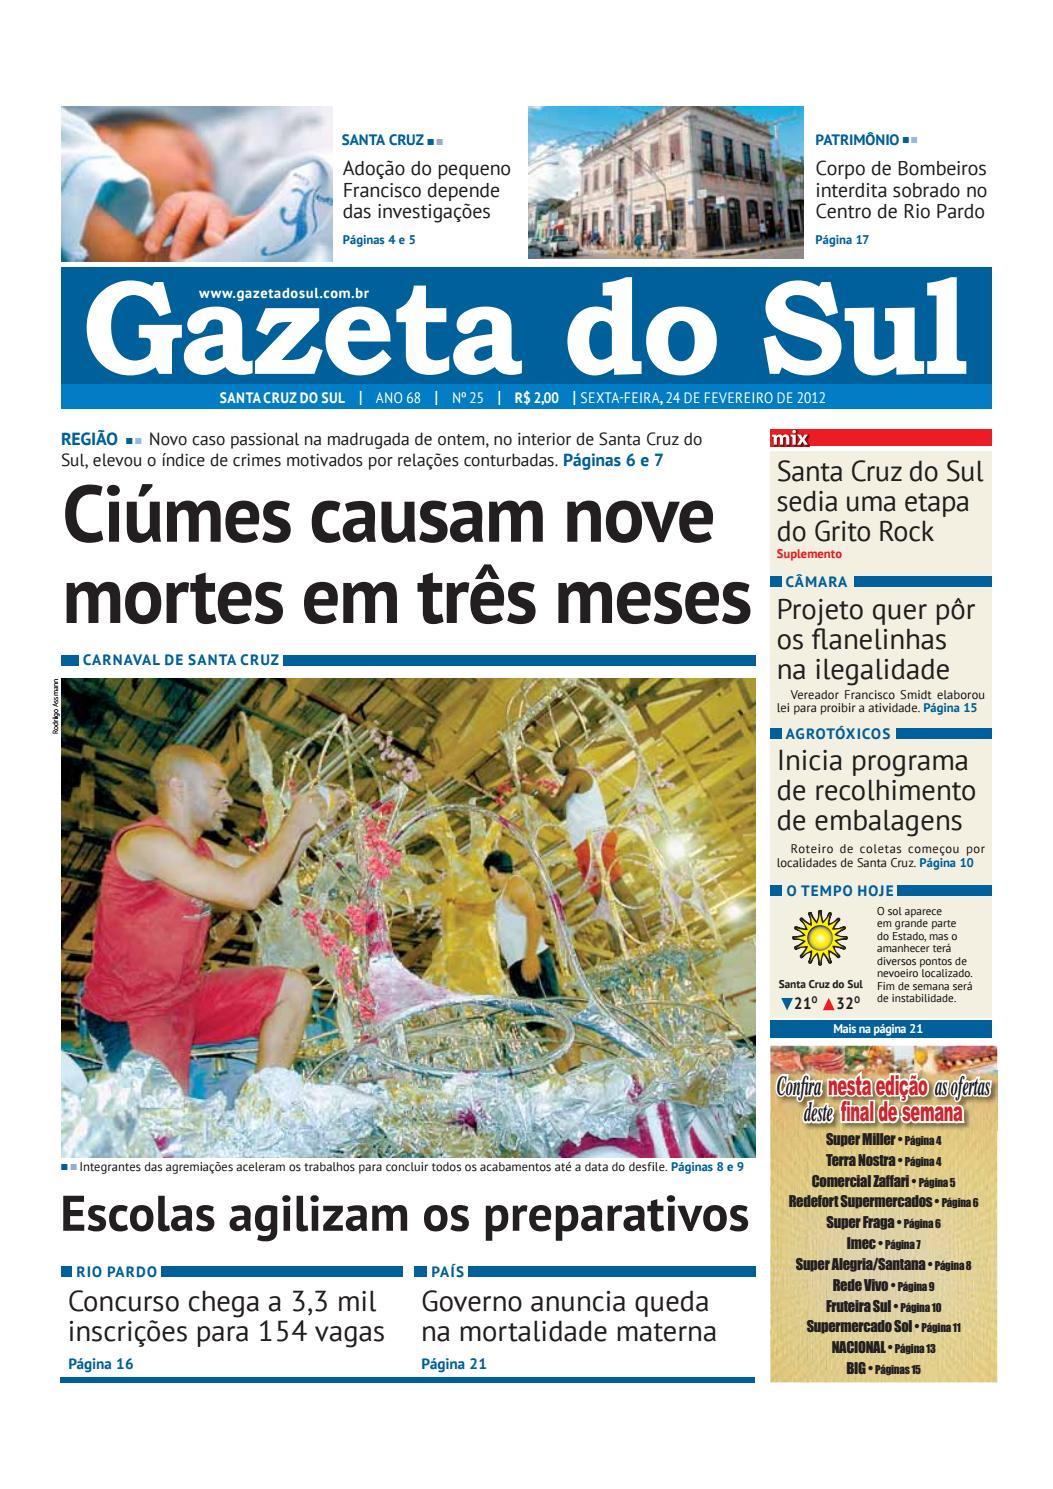 166af50d78 Jornal Gazeta do Sul Ano 68 Nº 25 by Portal Academia do Samba - issuu